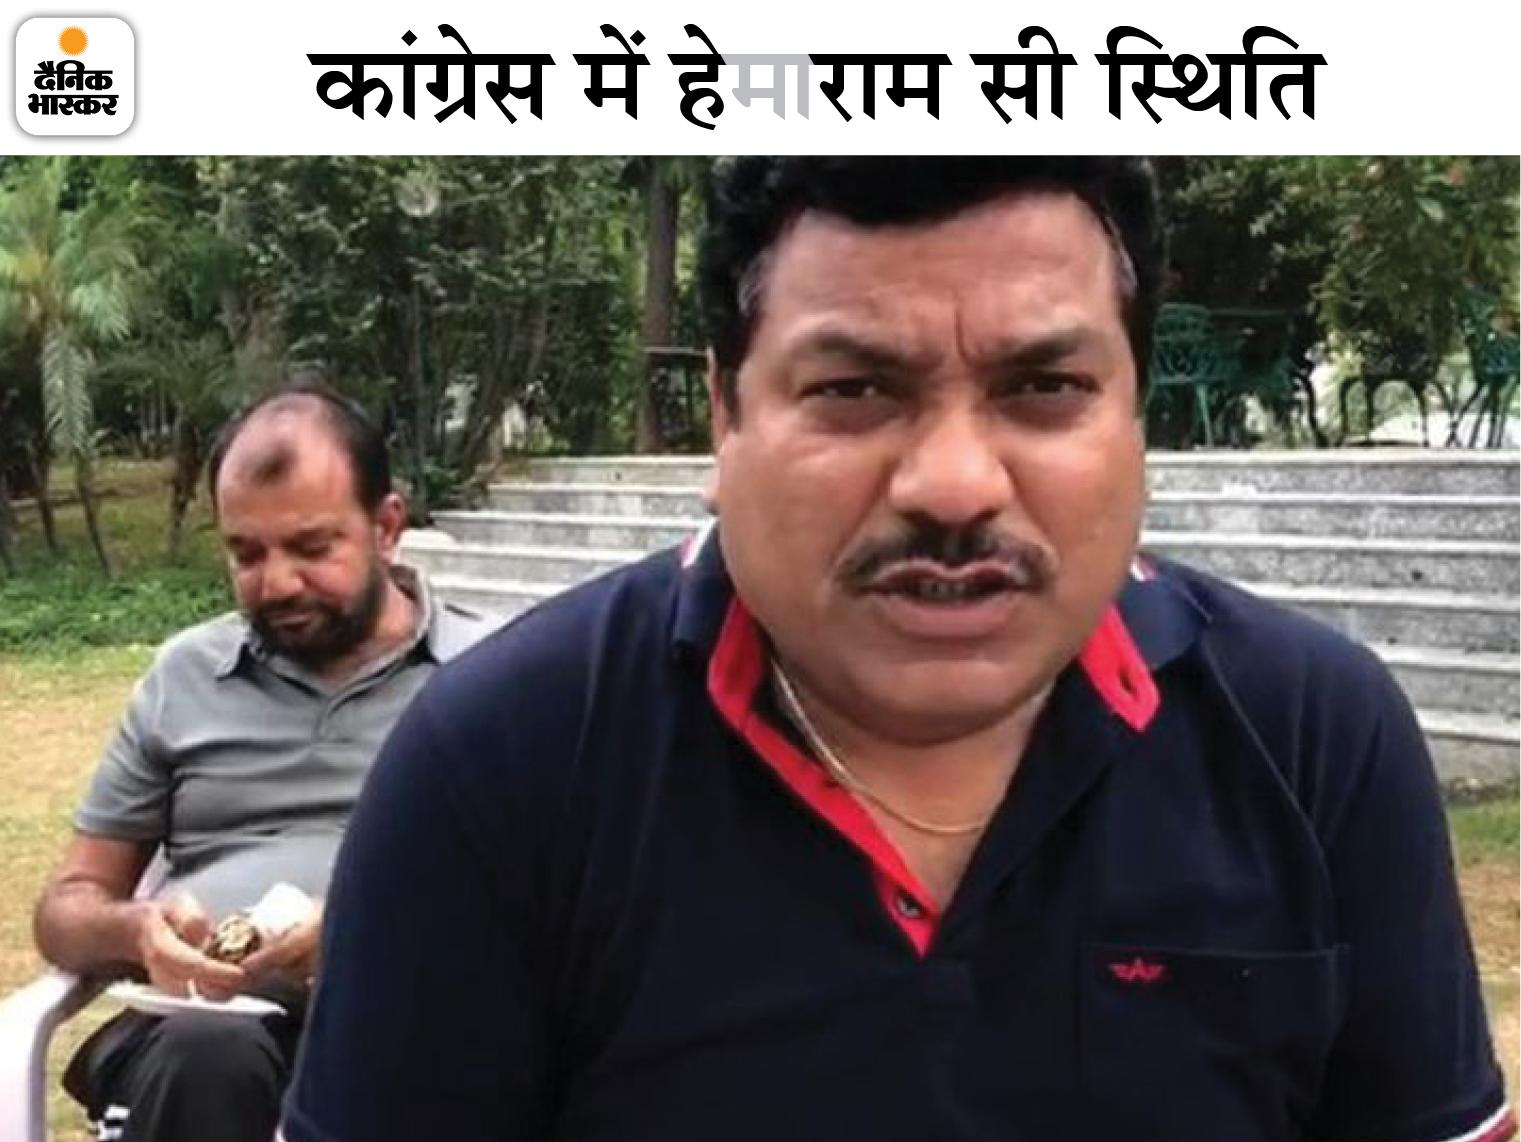 पायलट समर्थक MLA वेदप्रकाश सोलंकी बोले- ज्यादातर विधायक मजबूरीवश चुप हैं और घुट रहे हैं; सुनवाई नहीं हुई तो मैं भी इस्तीफा दे दूंगा|जयपुर,Jaipur - Dainik Bhaskar